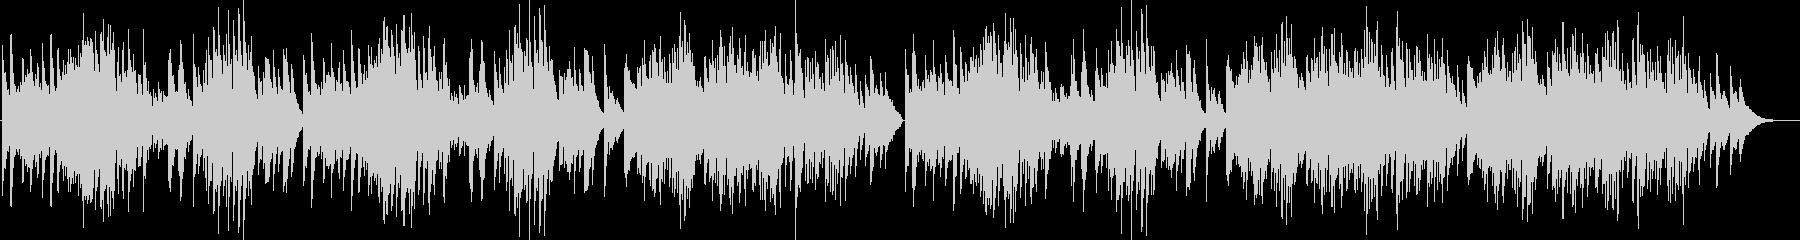 切ない感じのヒーリング系ピアノソロの未再生の波形